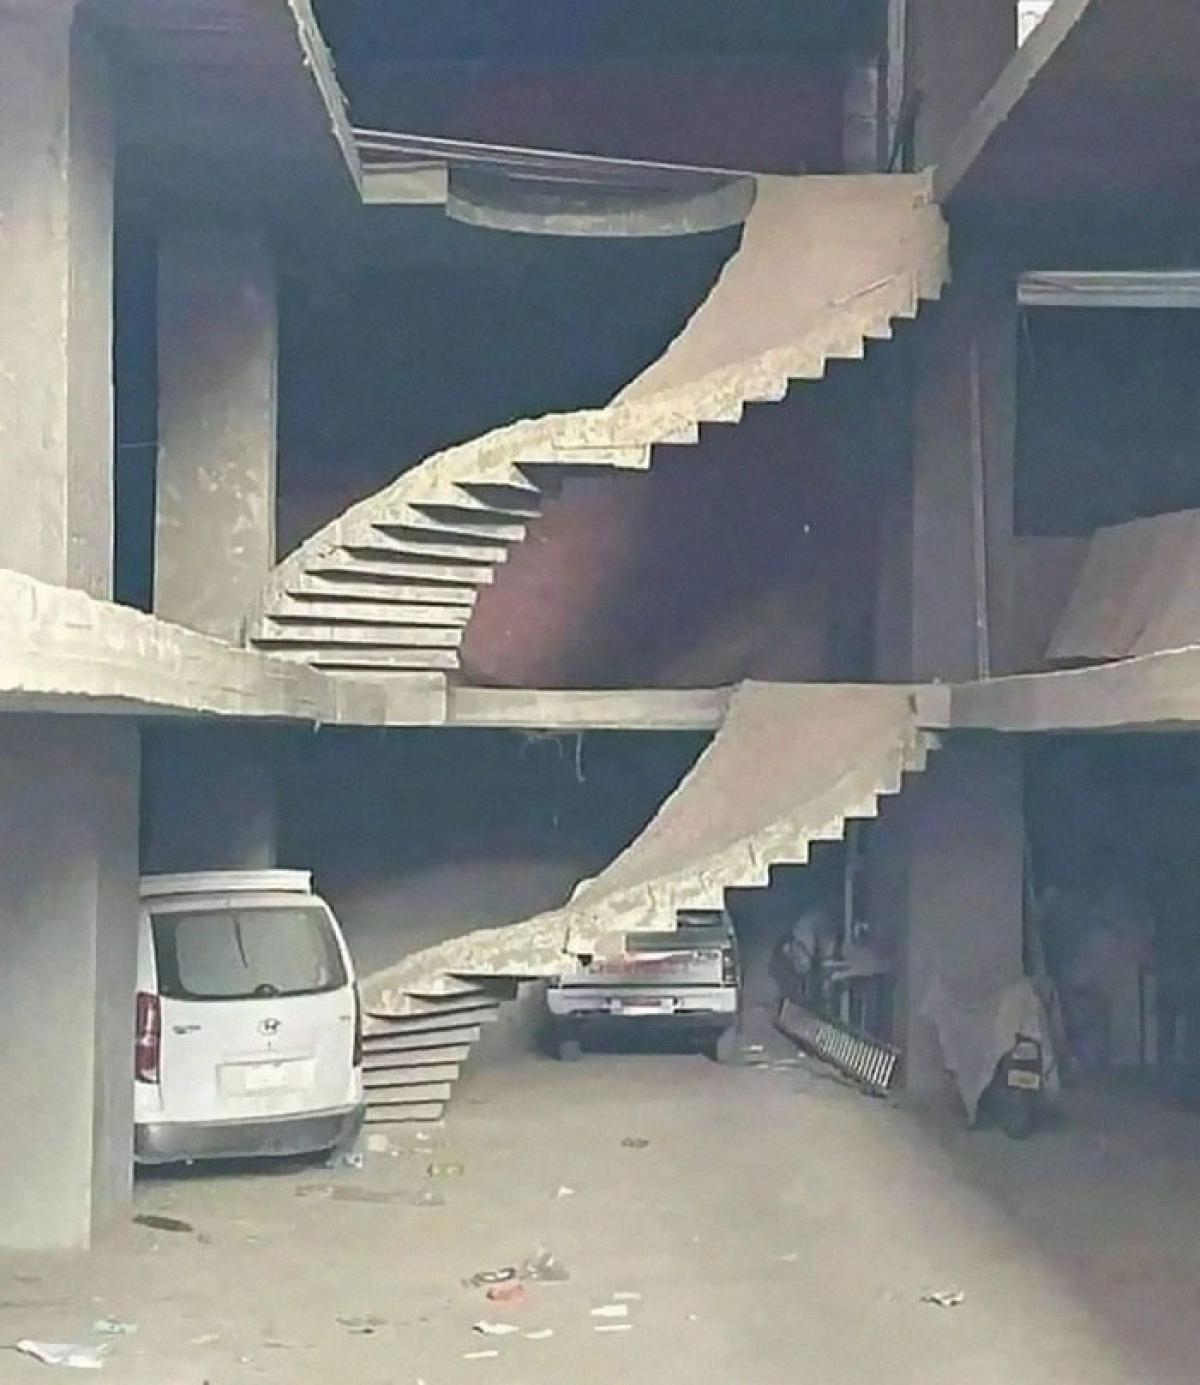 Cầu thang này có lẽ chỉ dành cho người dơi.